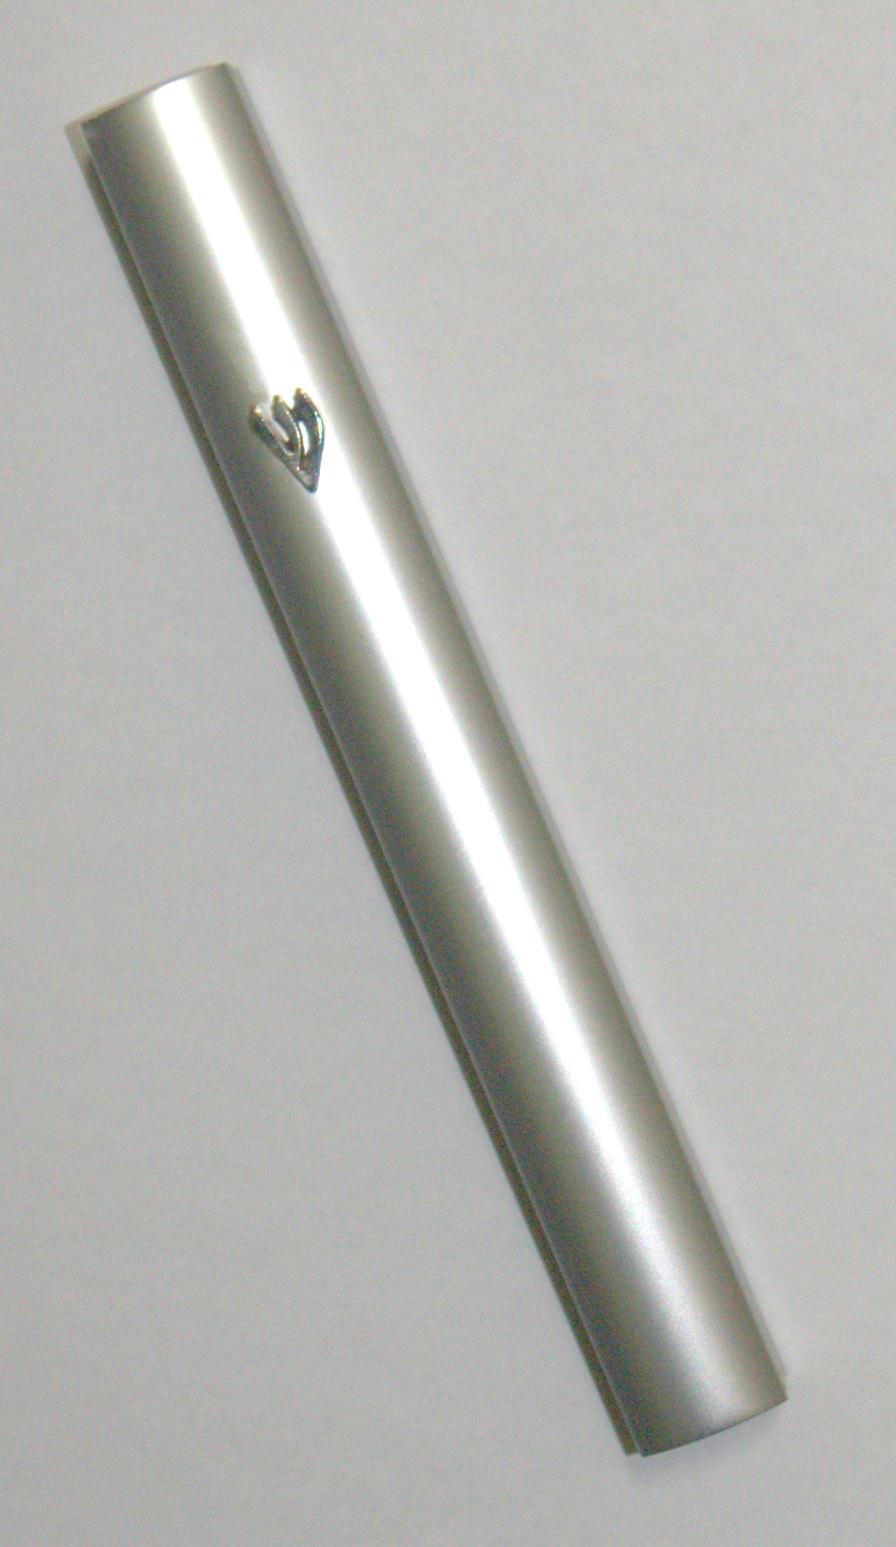 X7jm0189.orf